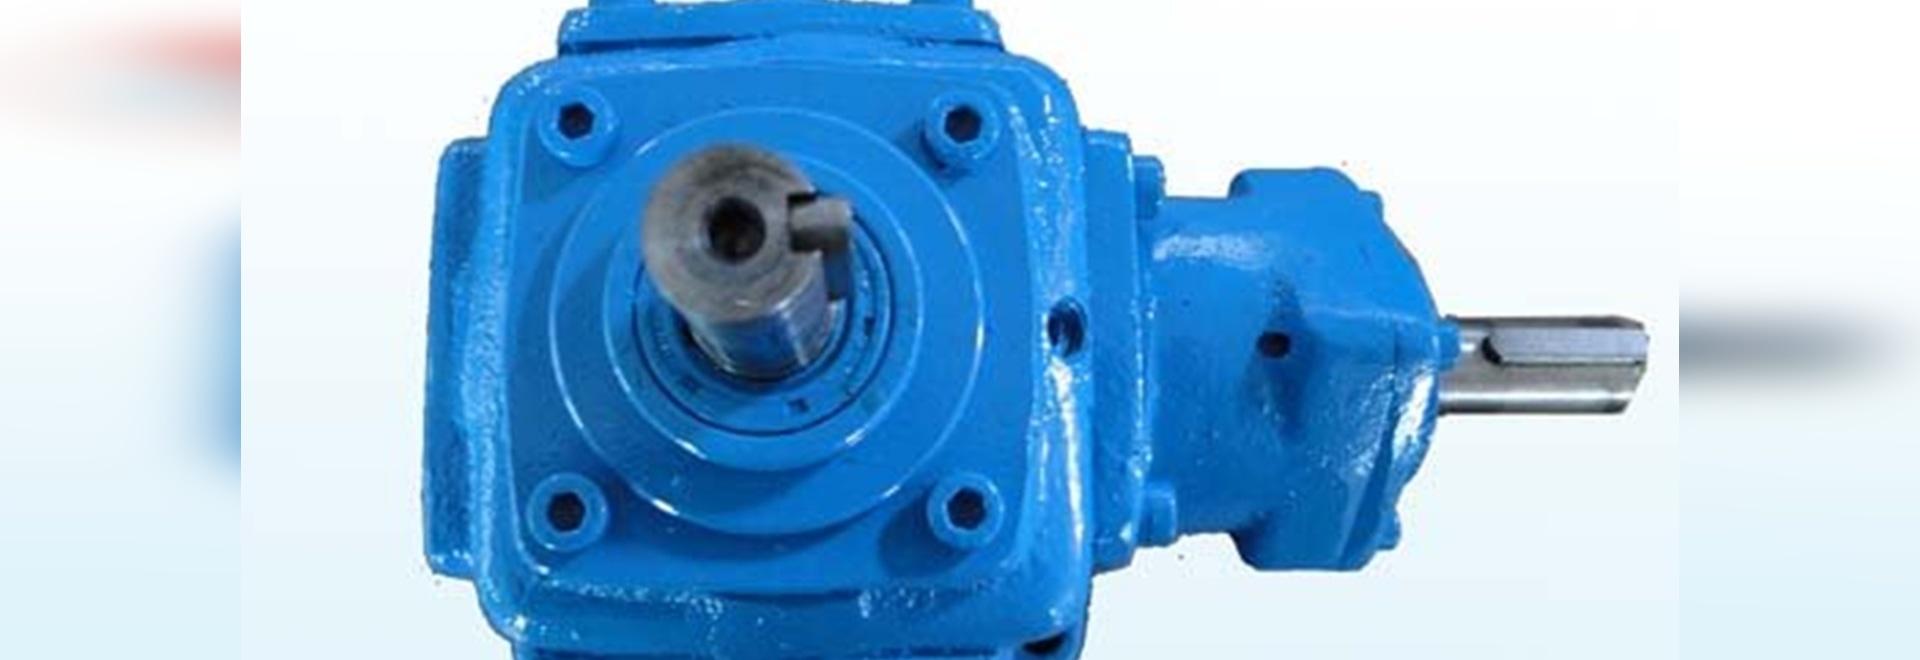 Spezifikation für Kegelradgetriebe-Installation und Fehlerbehebung